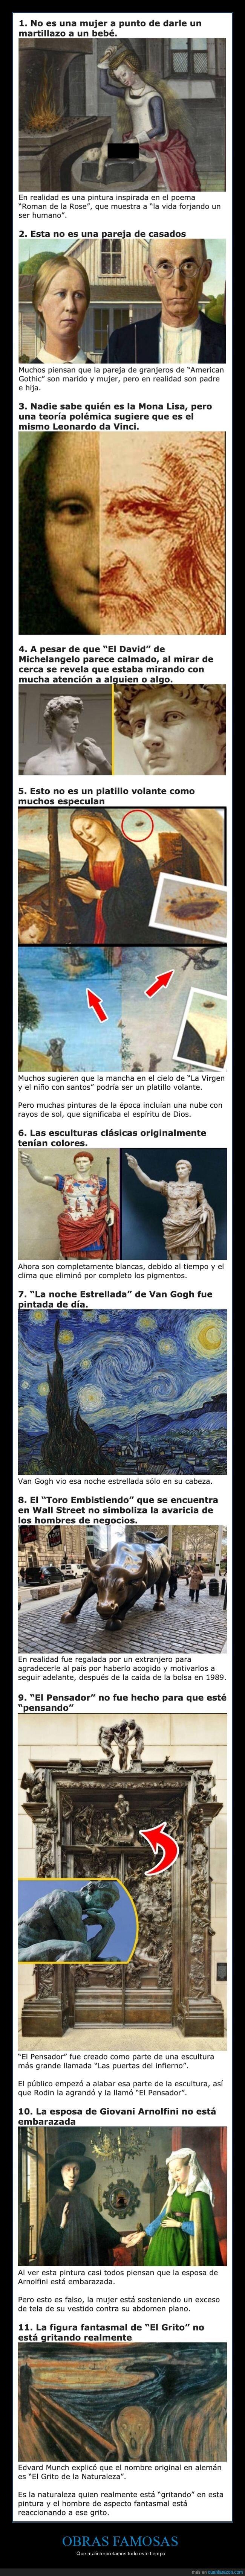 arte,malinterpretadas,obras